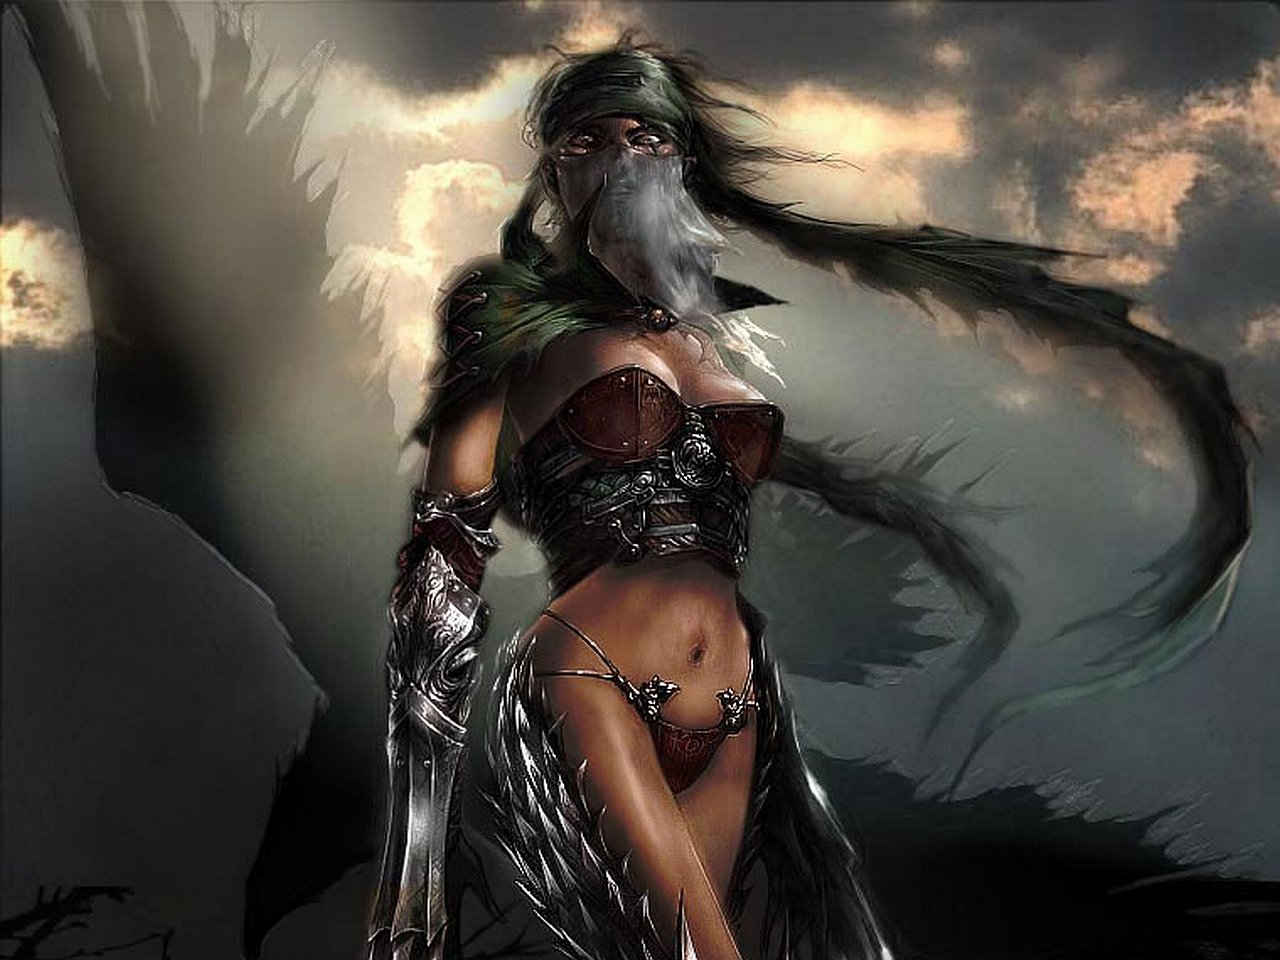 Fantasy Women Warriors Wallpaper  WallpaperSafari